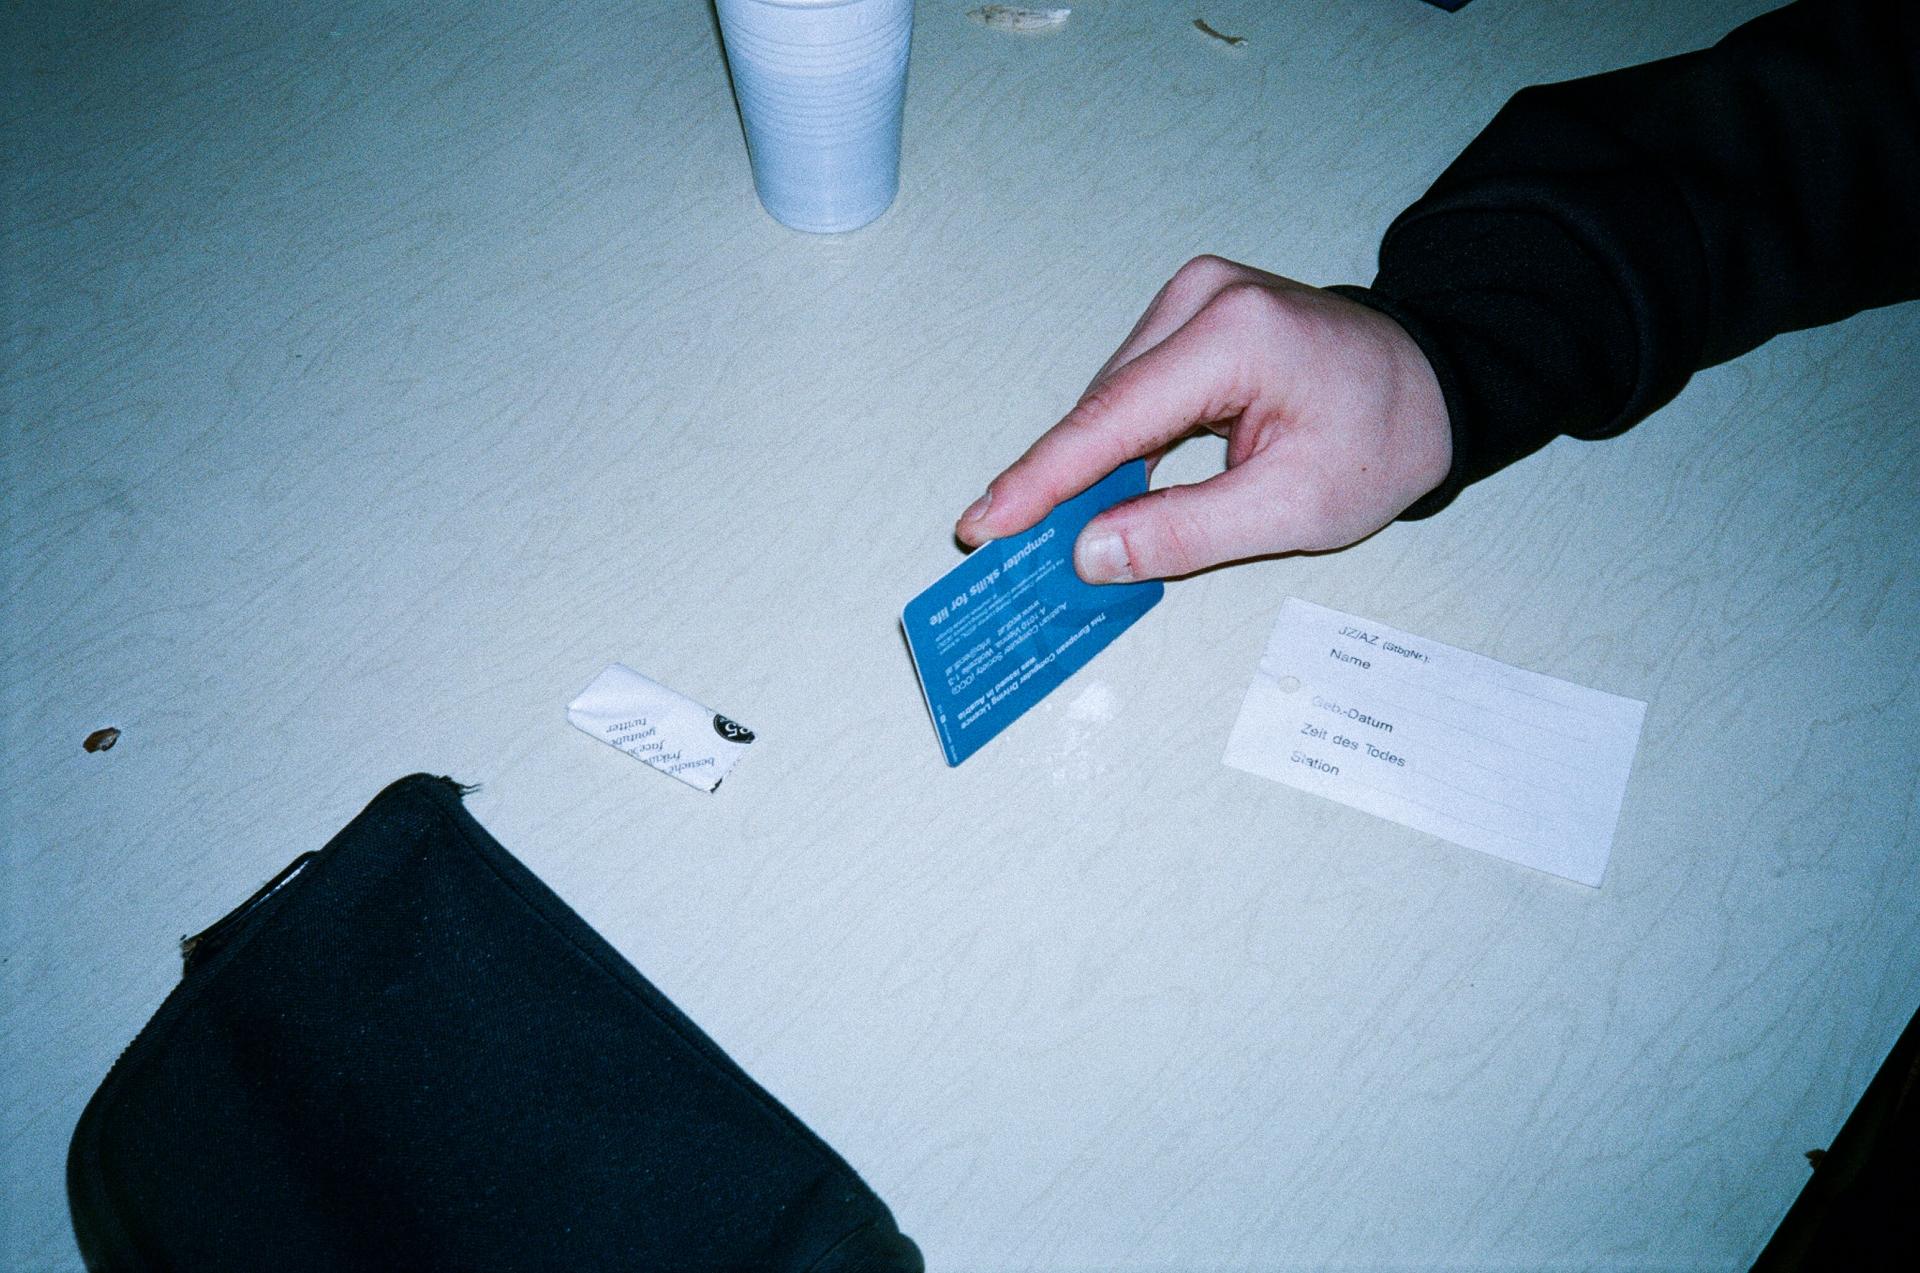 J. Gsoellpointner Über Kokain Nachdenken